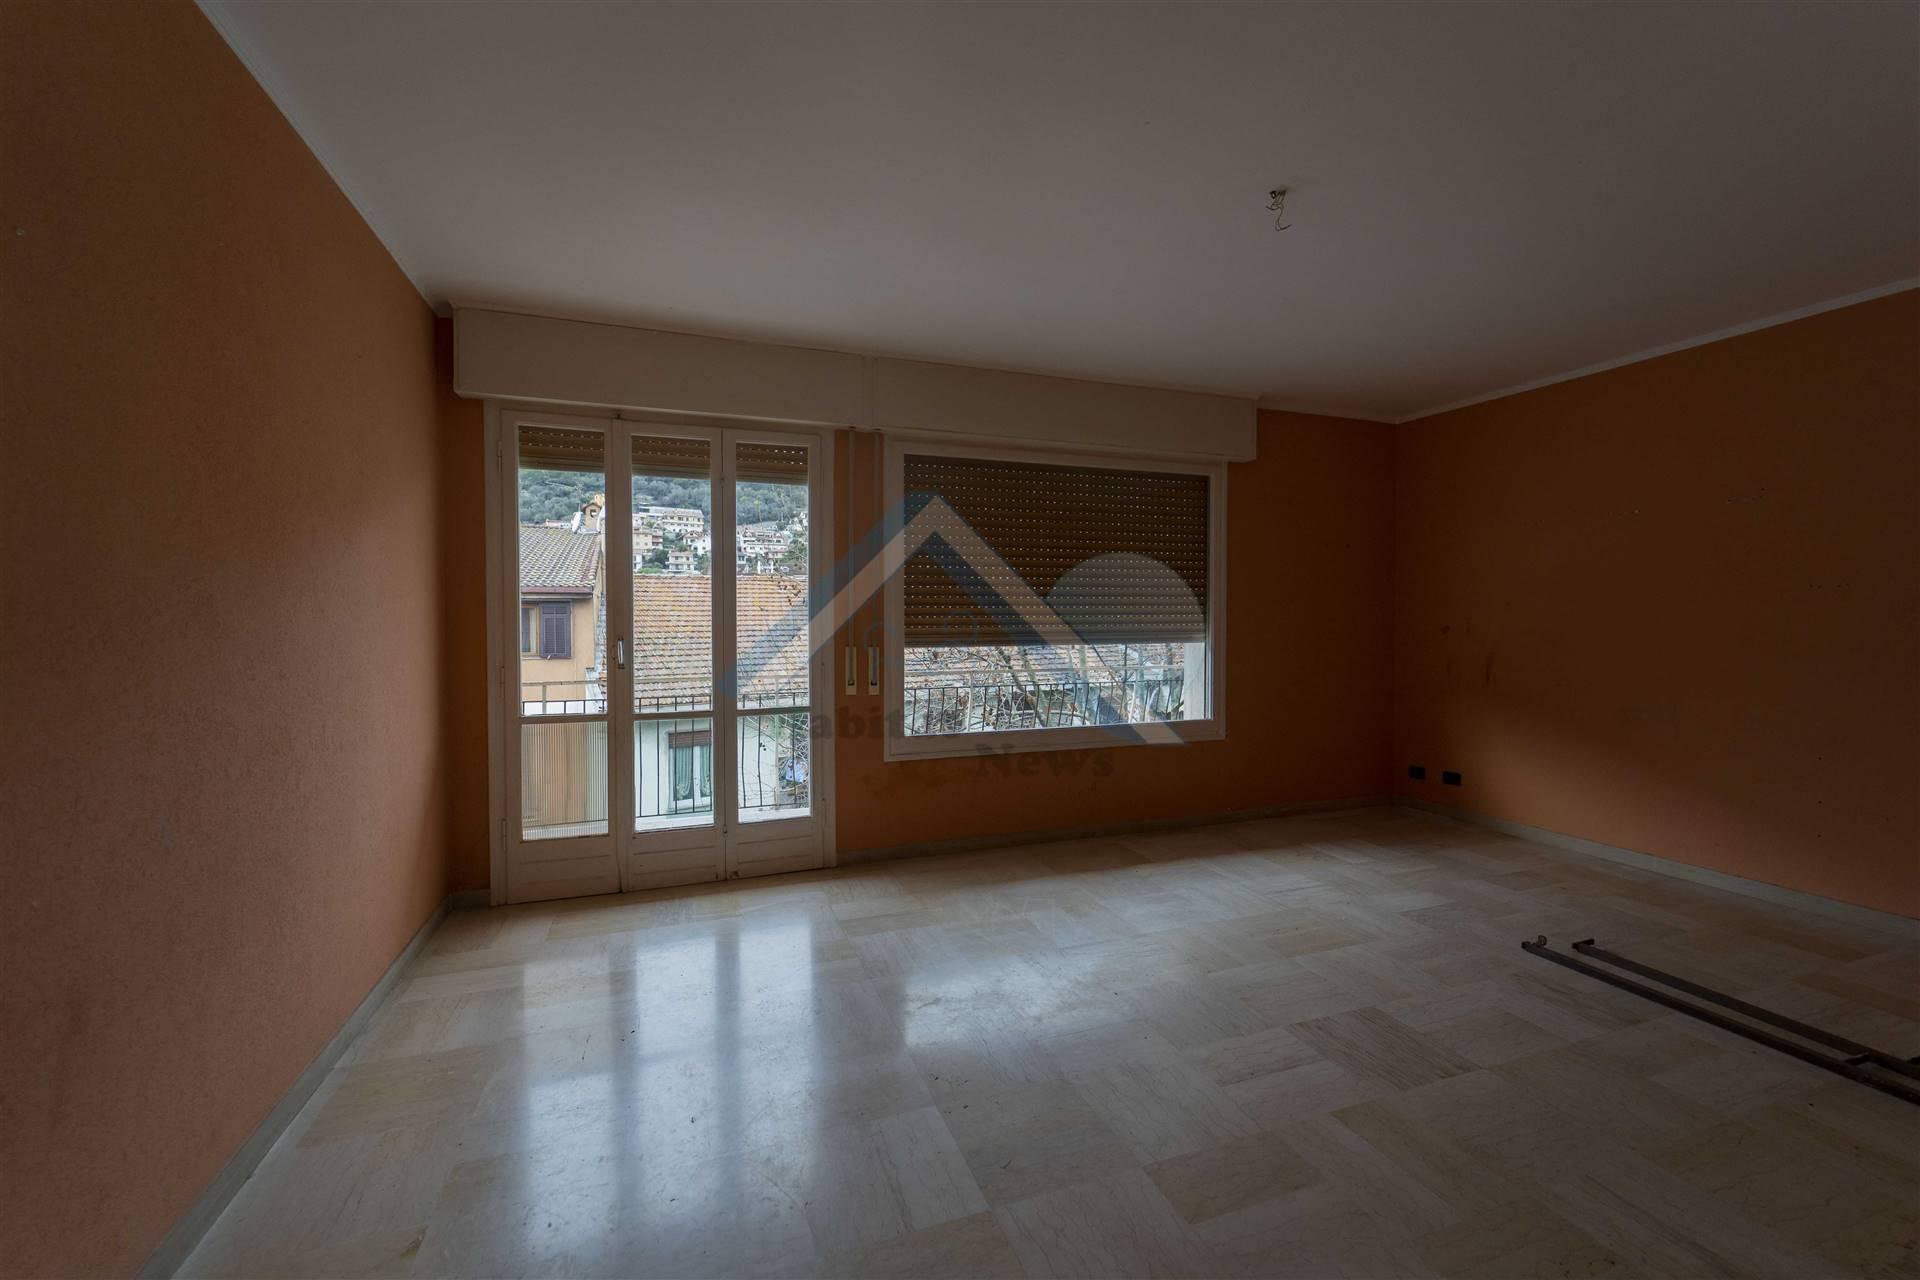 Appartamento in vendita a Camporosso, 6 locali, prezzo € 220.000 | PortaleAgenzieImmobiliari.it